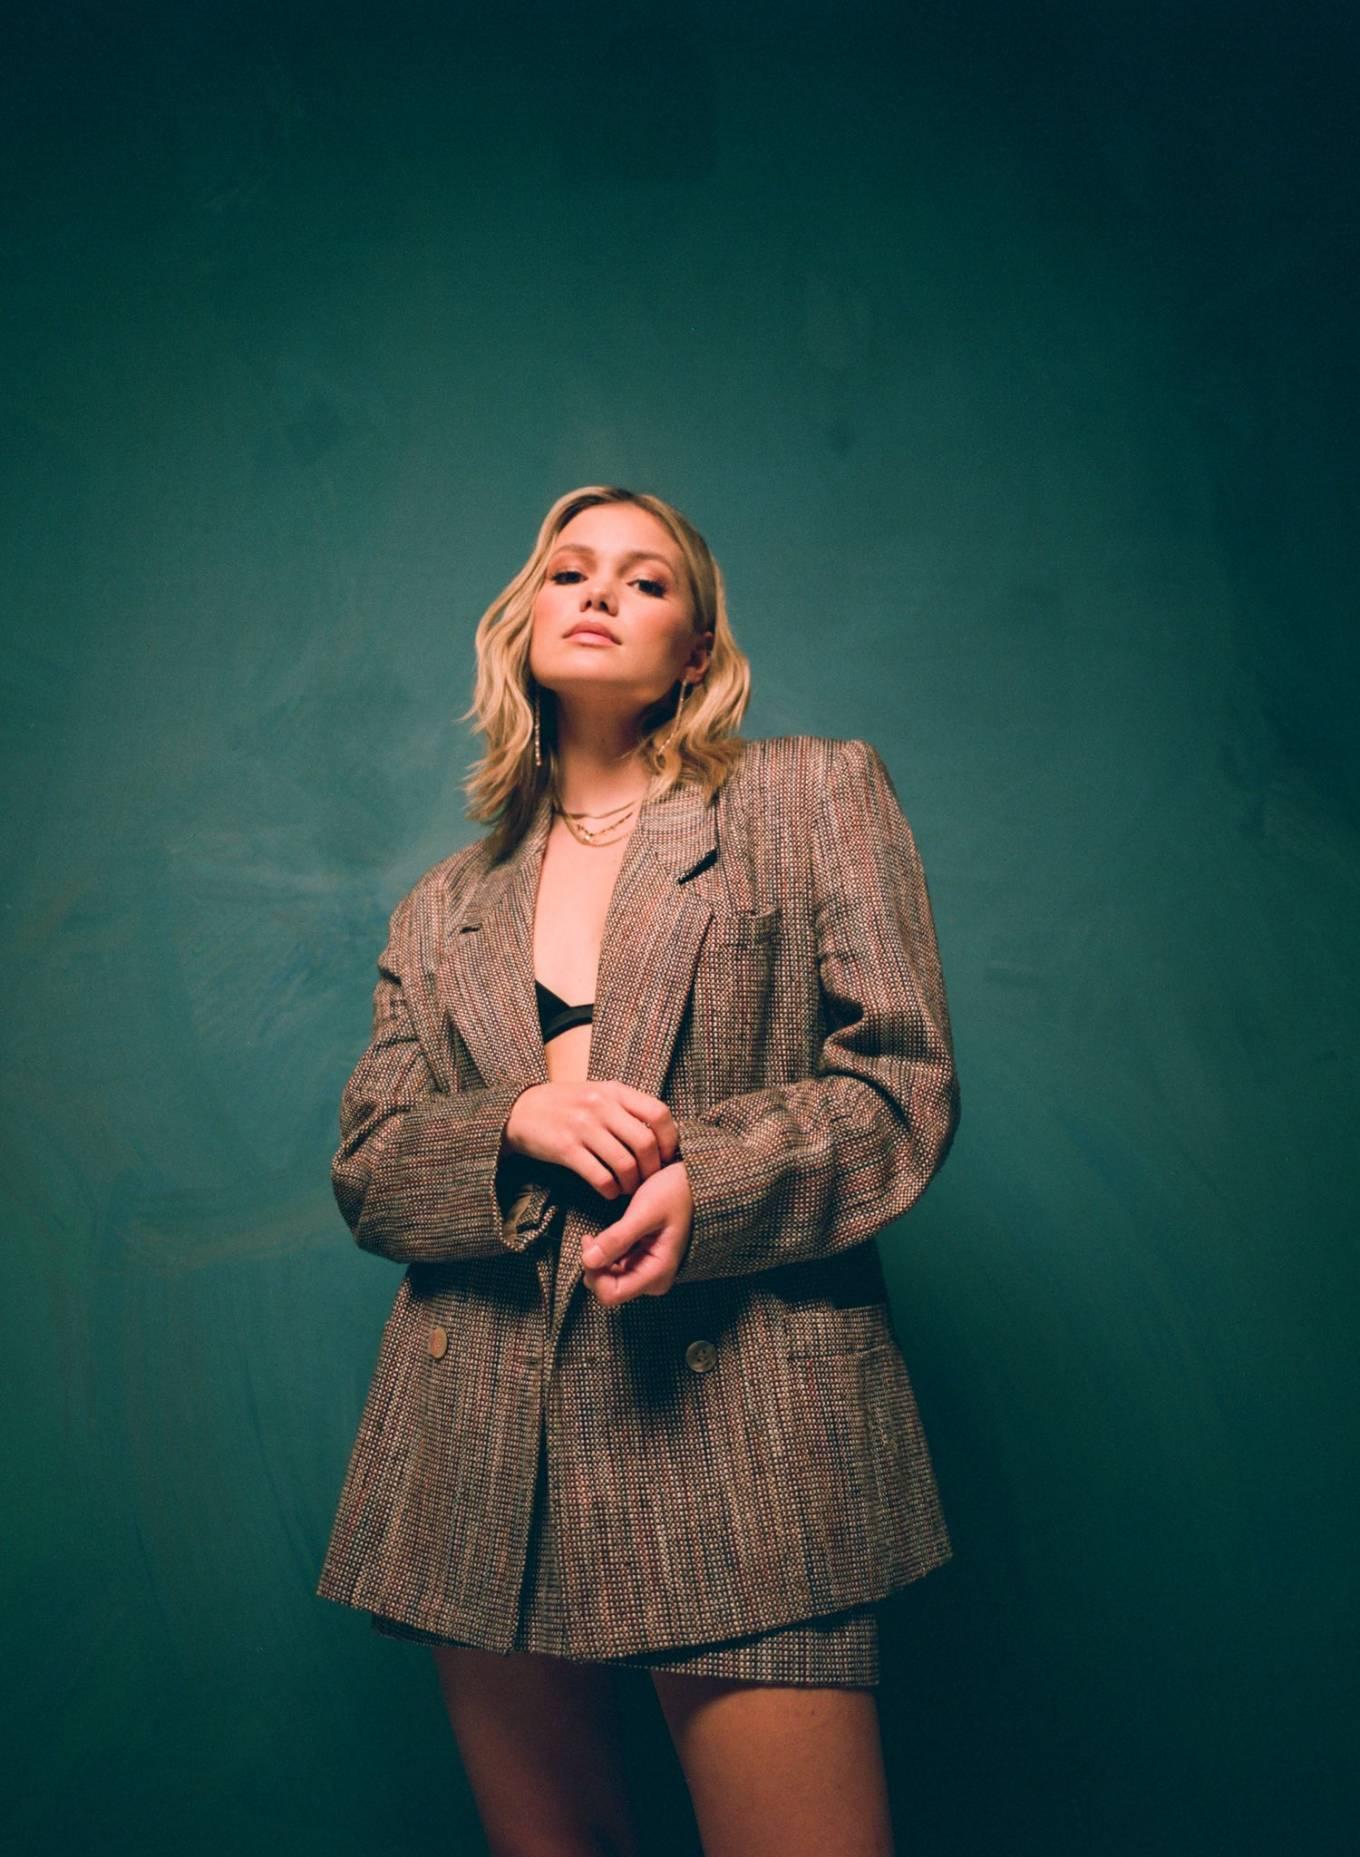 Olivia Holt - Diego Andrade photoshoot (January 2021)